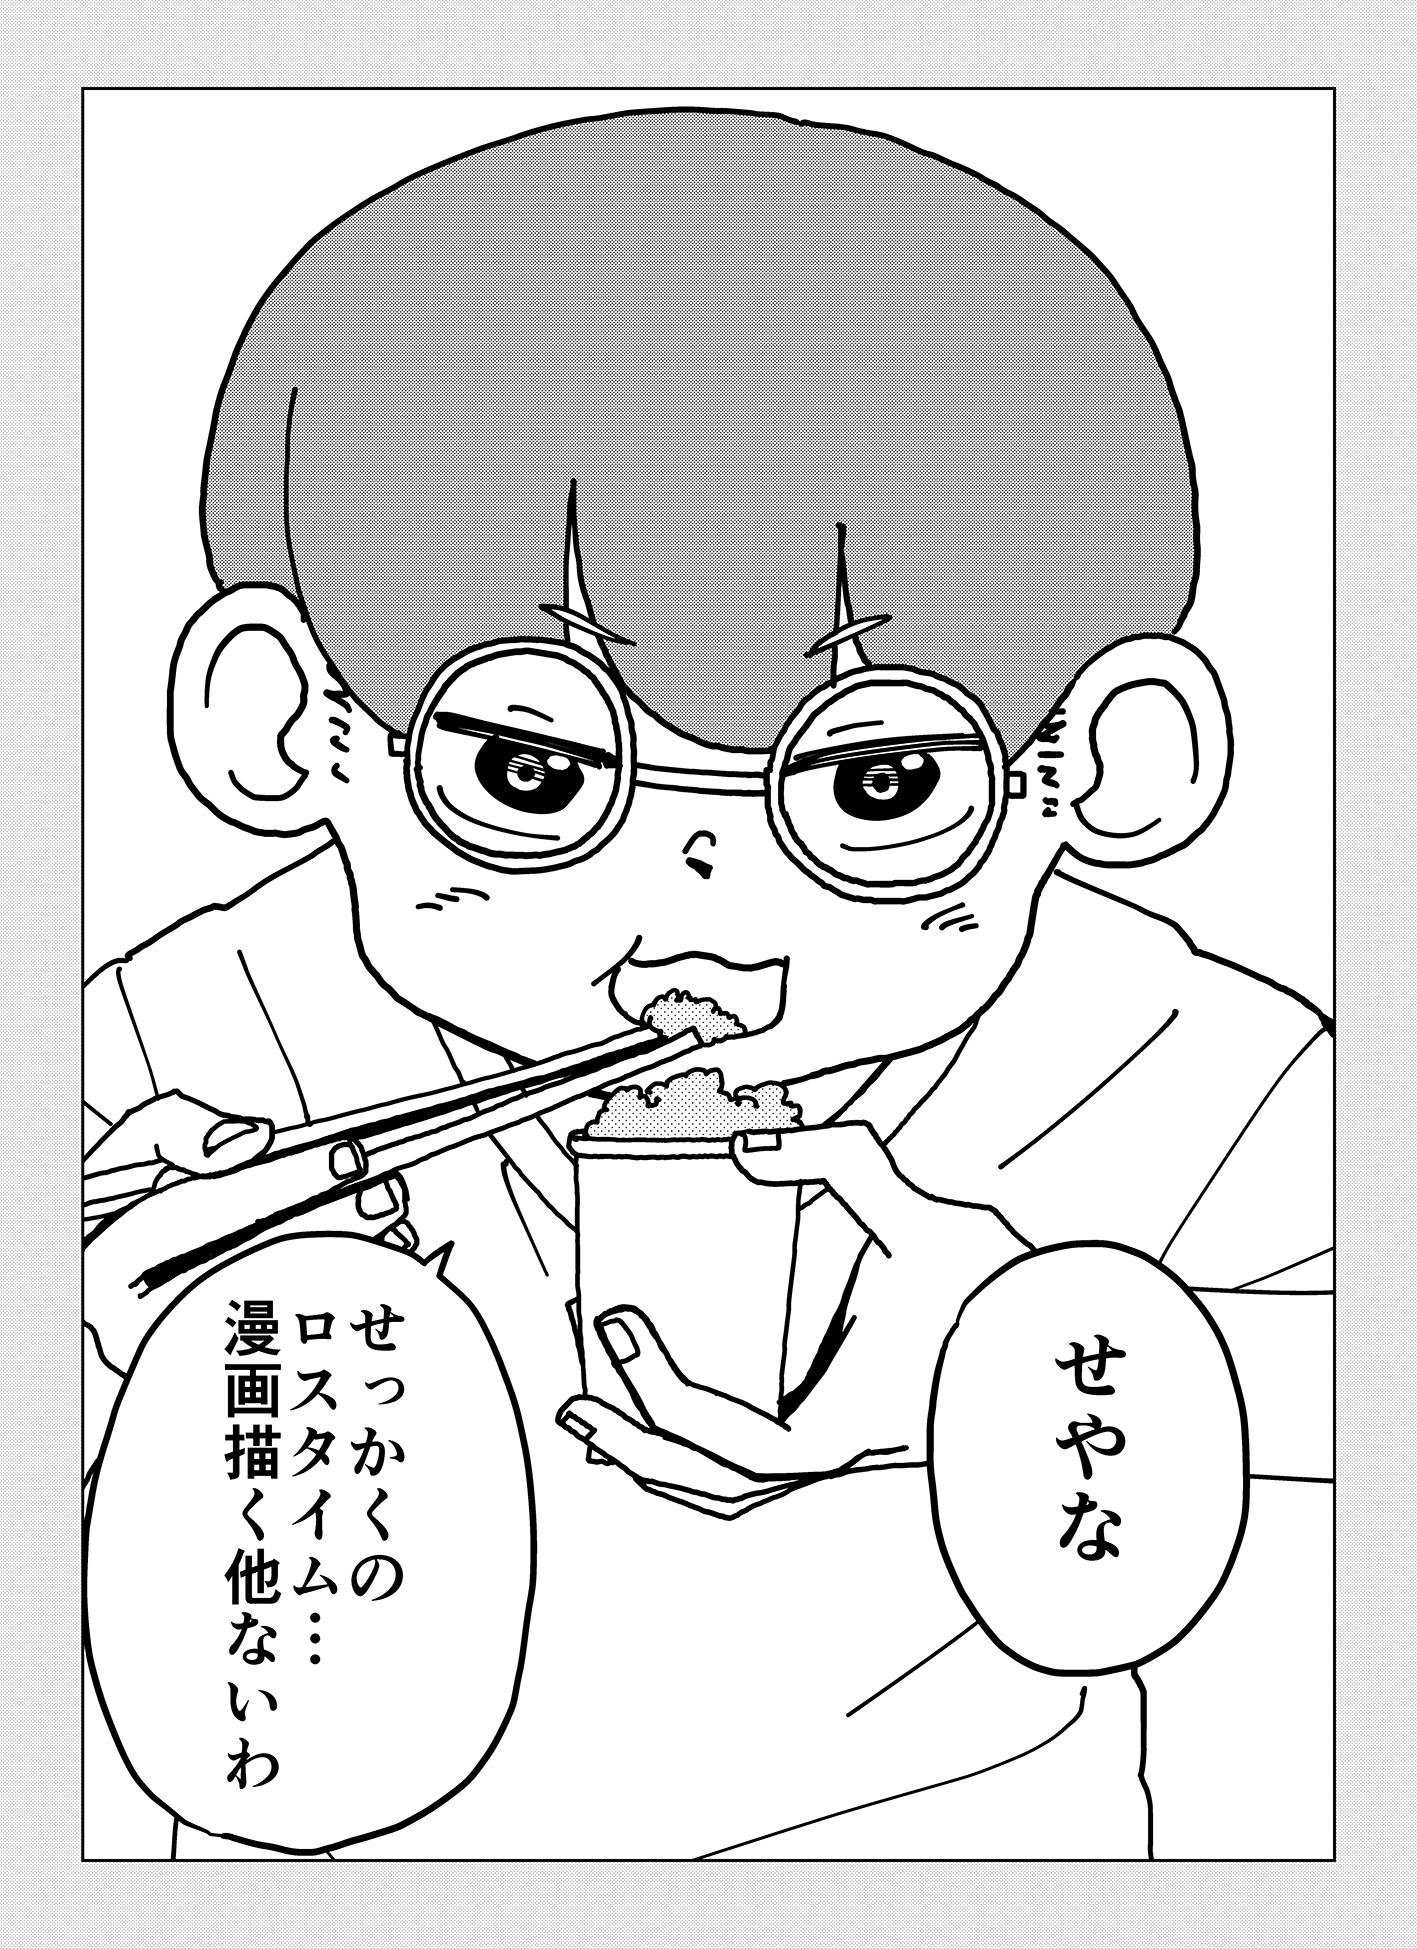 share_b_012